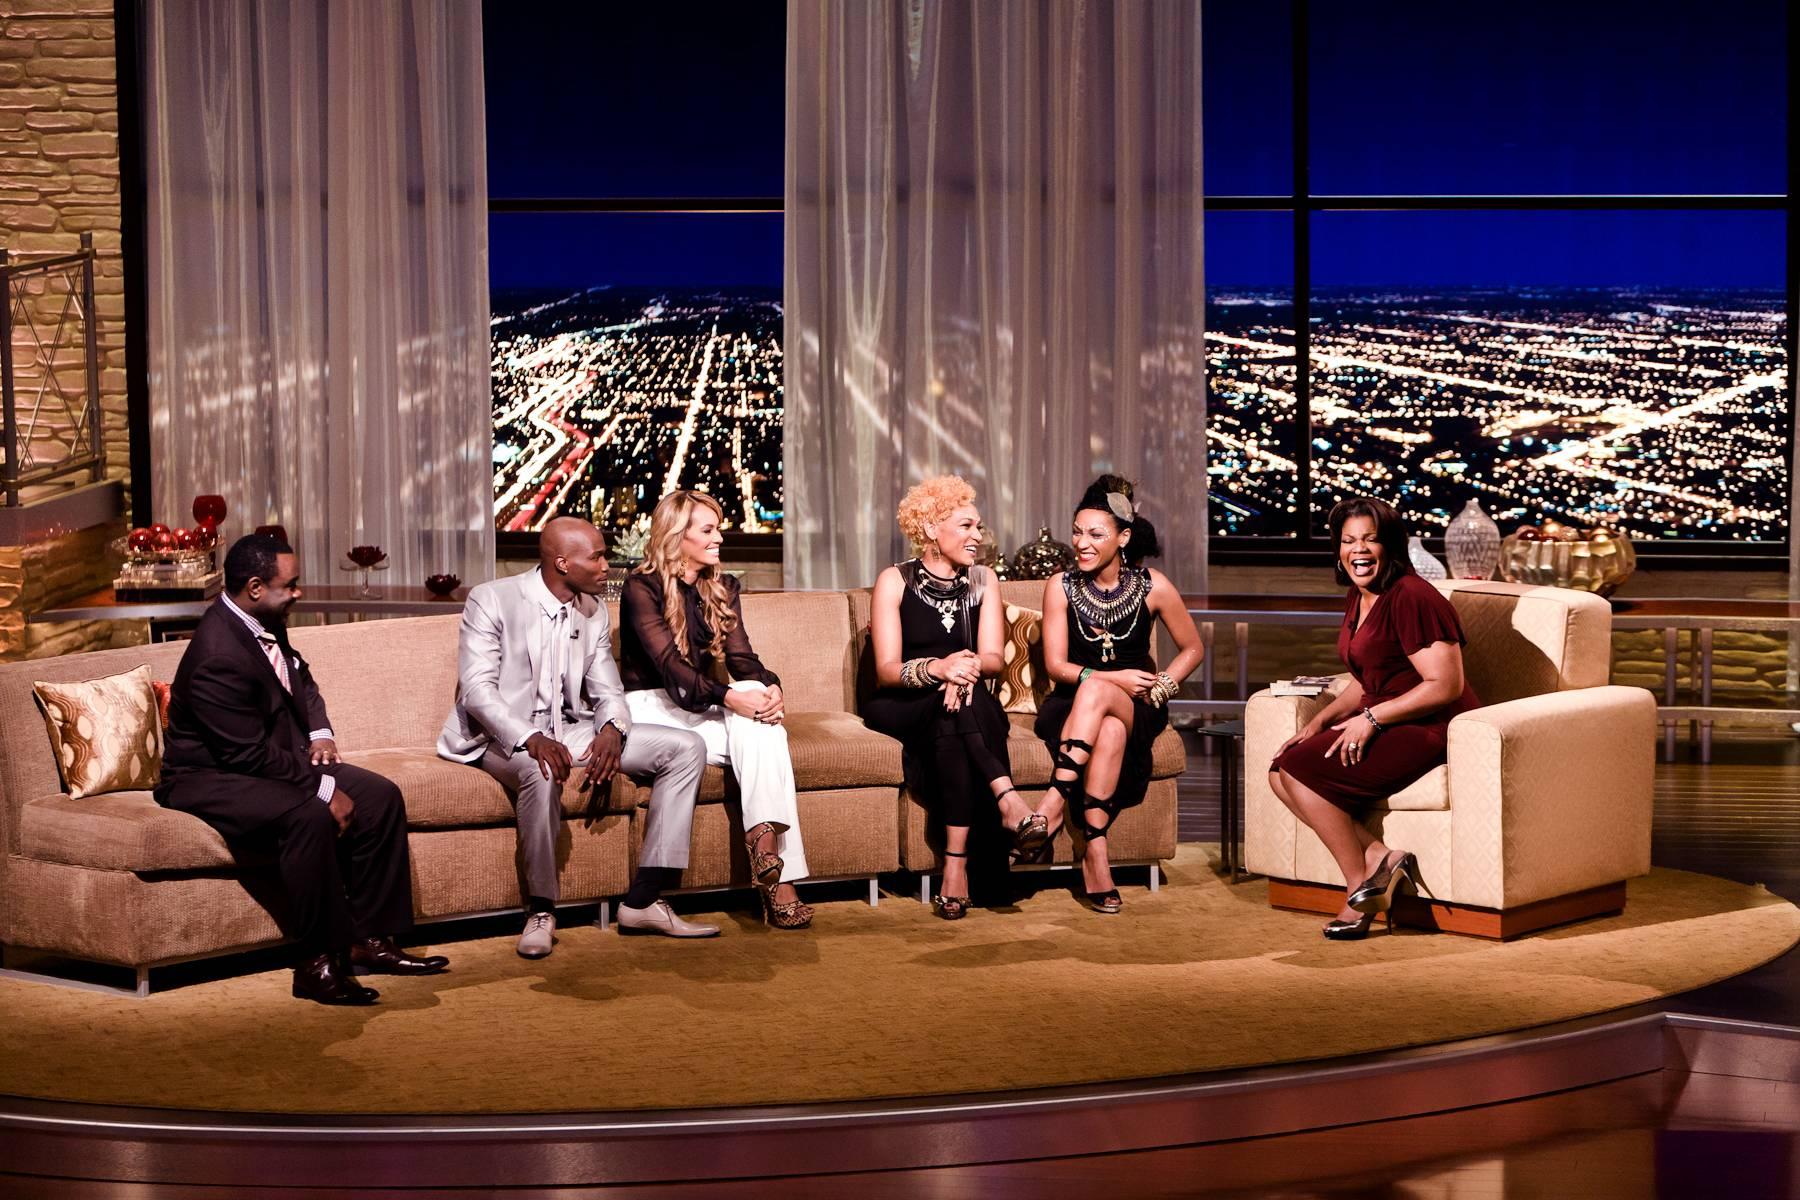 /content/dam/betcom/images/2011/06/Shows/monique/062311-shows-the-monique-show-5.jpg